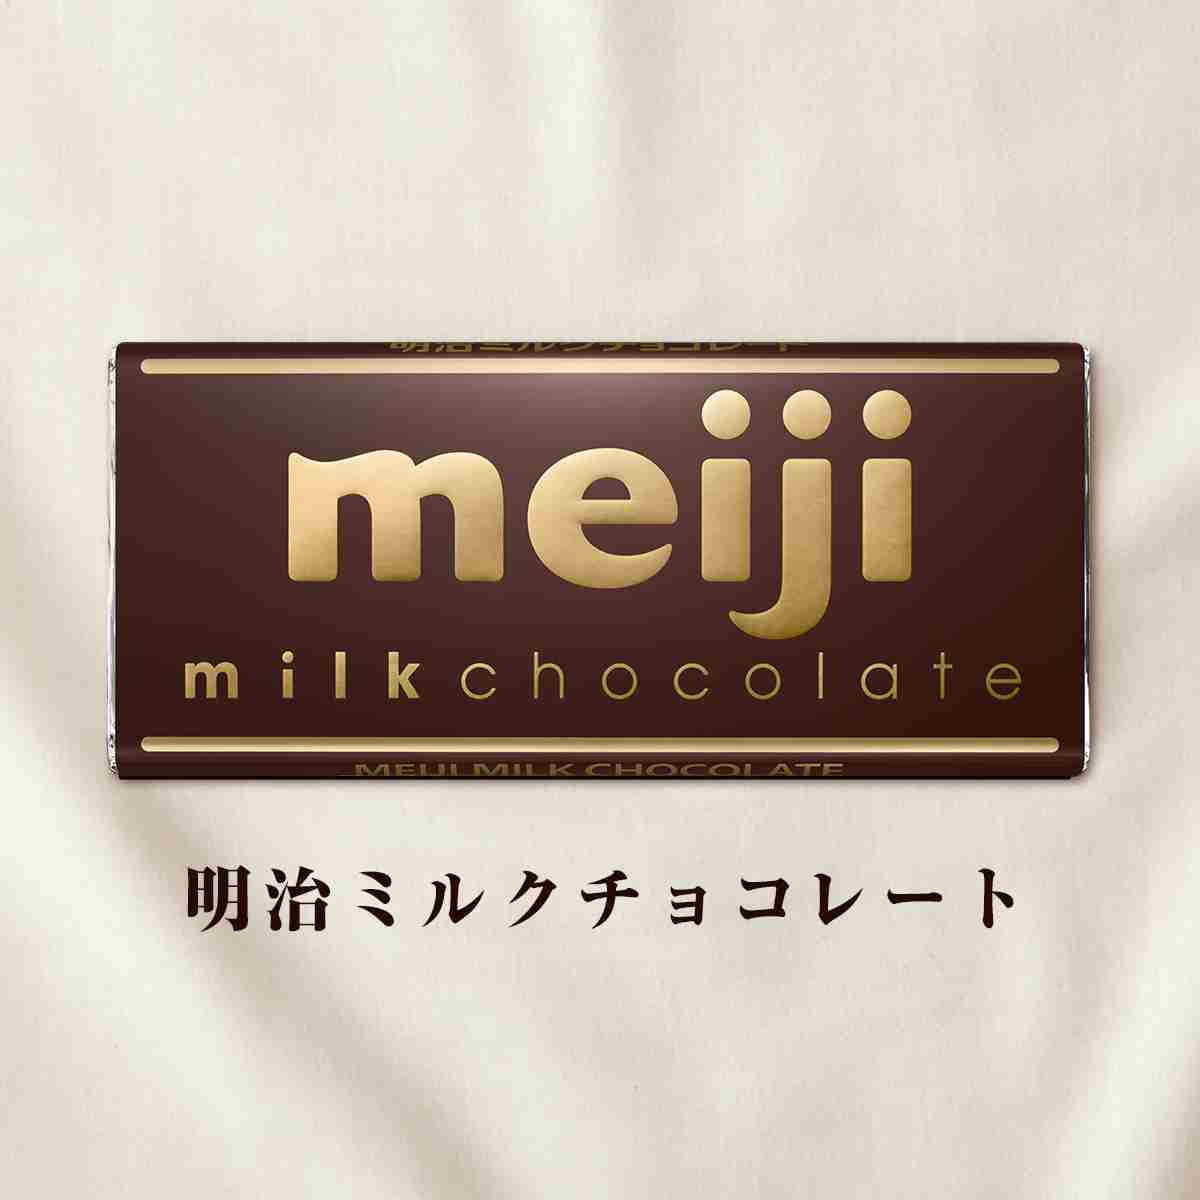 海外に持って行ったらヒットしそうな日本の製品、食べ物